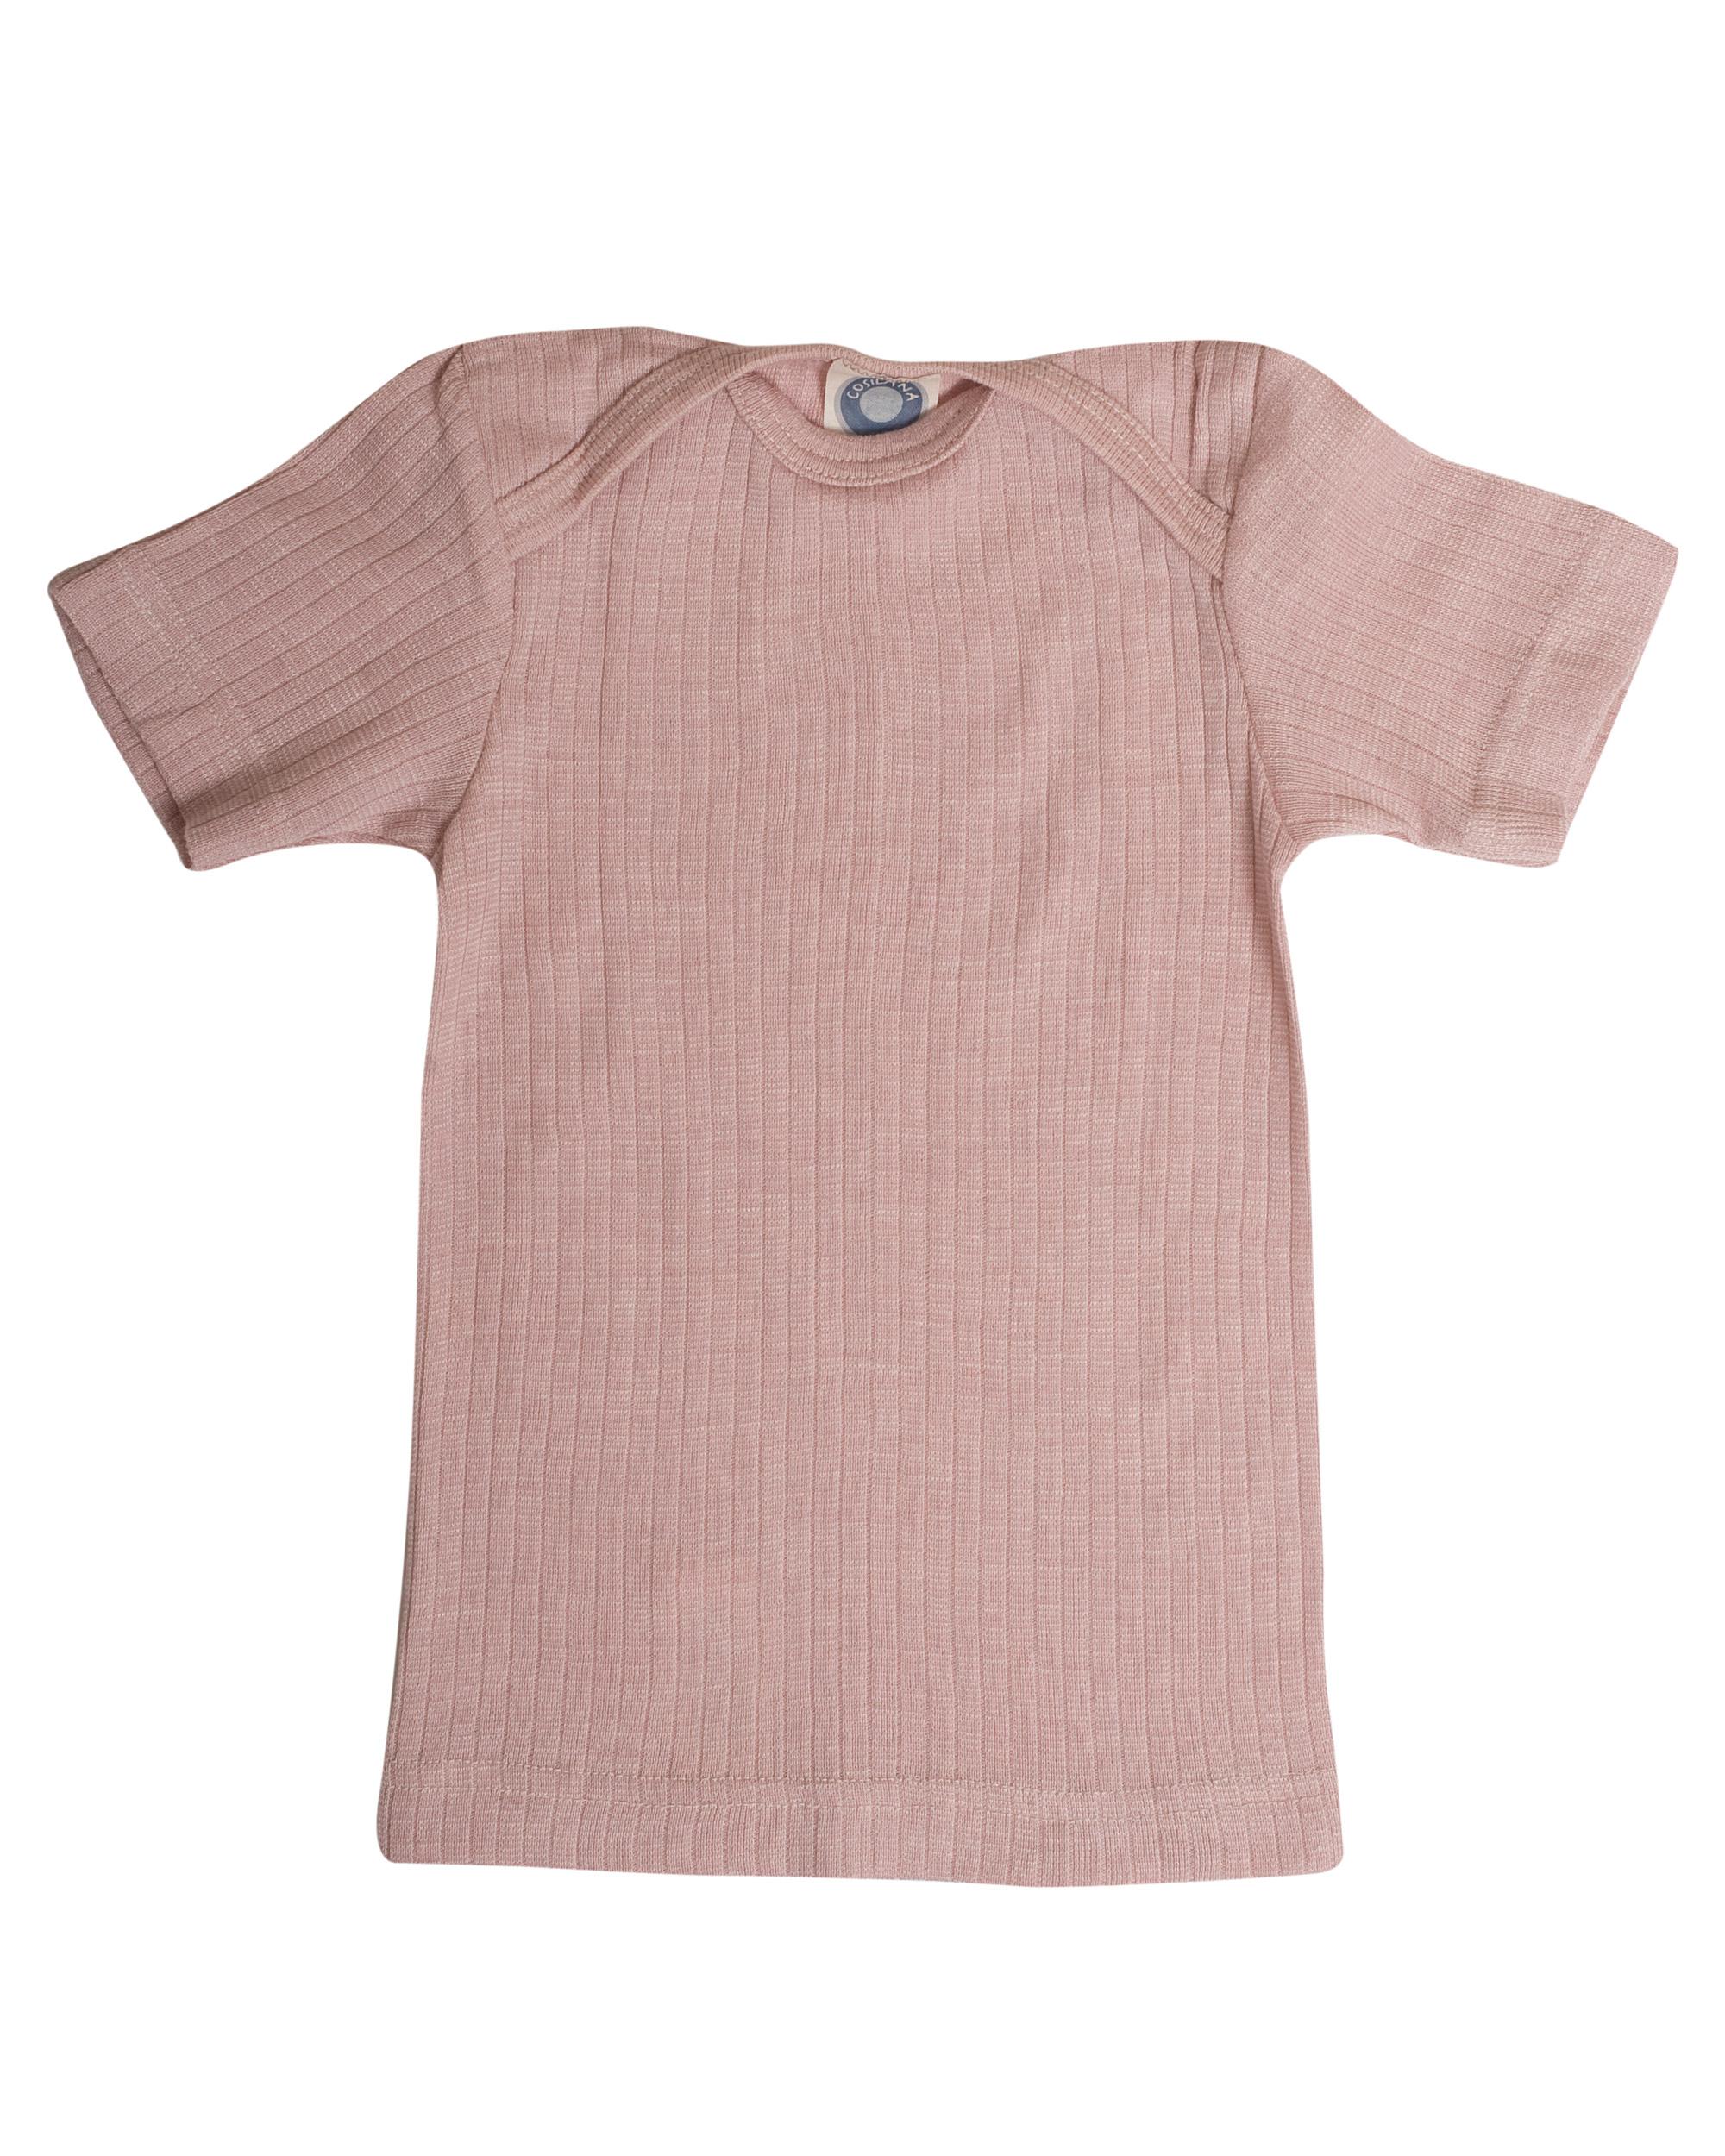 553d6bc75bc68 ... 35 · Vorschau: Cosilana, Baby Unterhemd kurzarm, 45% Baumwolle (kbA), 35